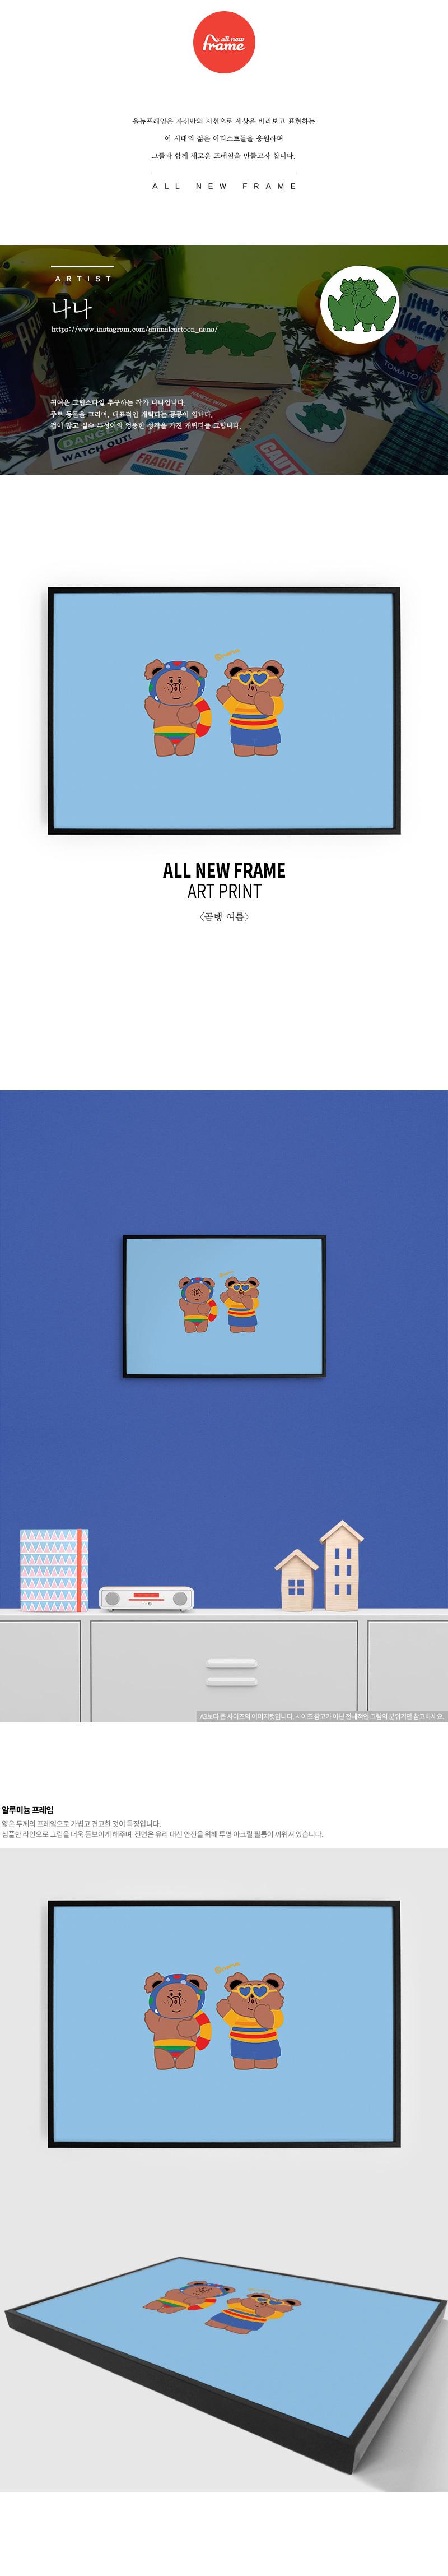 곰탱 여름- 일러스트 액자 - 올뉴프레임, 55,000원, 홈갤러리, 캔버스아트